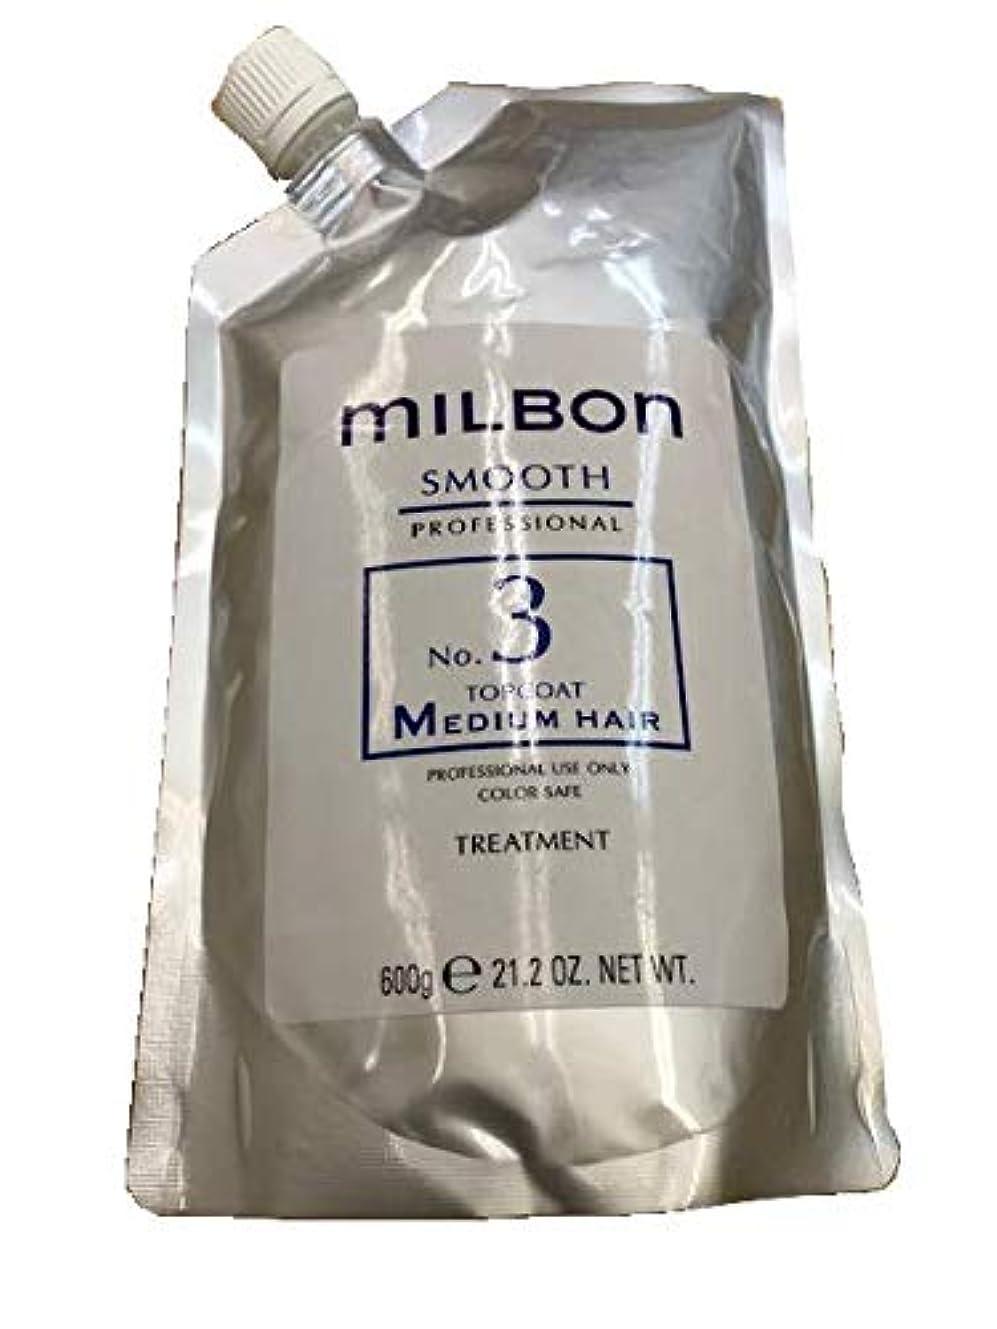 分析するもろい怒るミルボン スムースNo3 ミディアムヘア ヘアトリートメント 600g